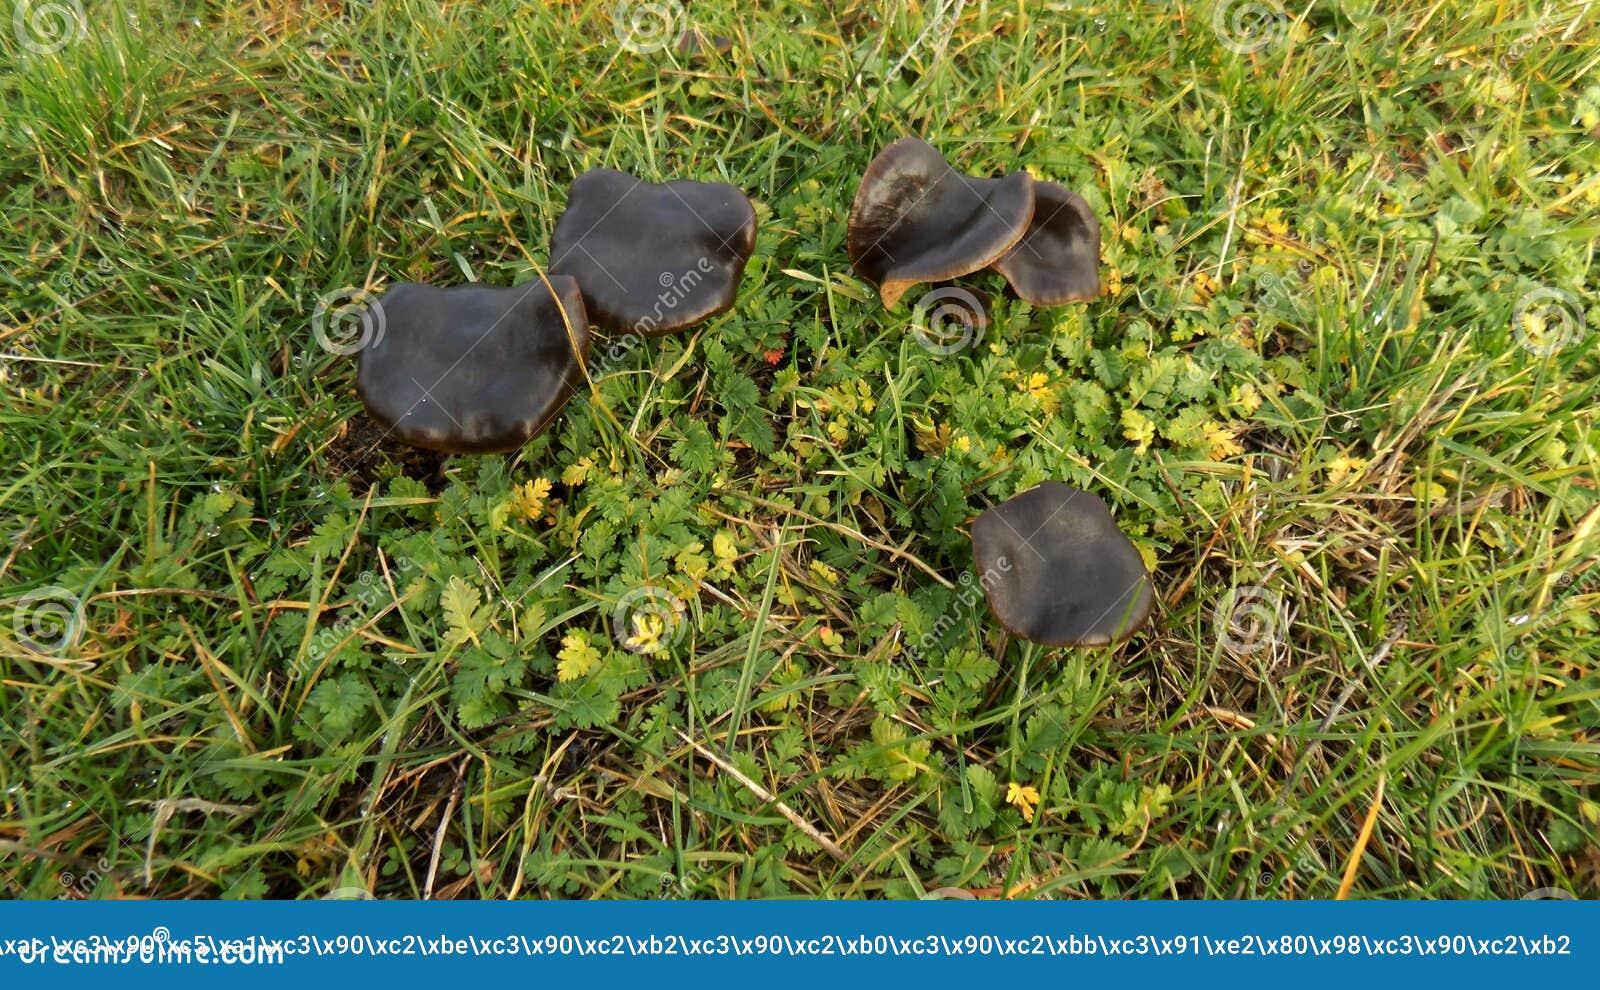 Download Abstracte Mooie Zwarte Paddestoelachtergrond De Achtergronden Van Het Aardbehang Stock Afbeelding - Afbeelding bestaande uit blad, groot: 104640159